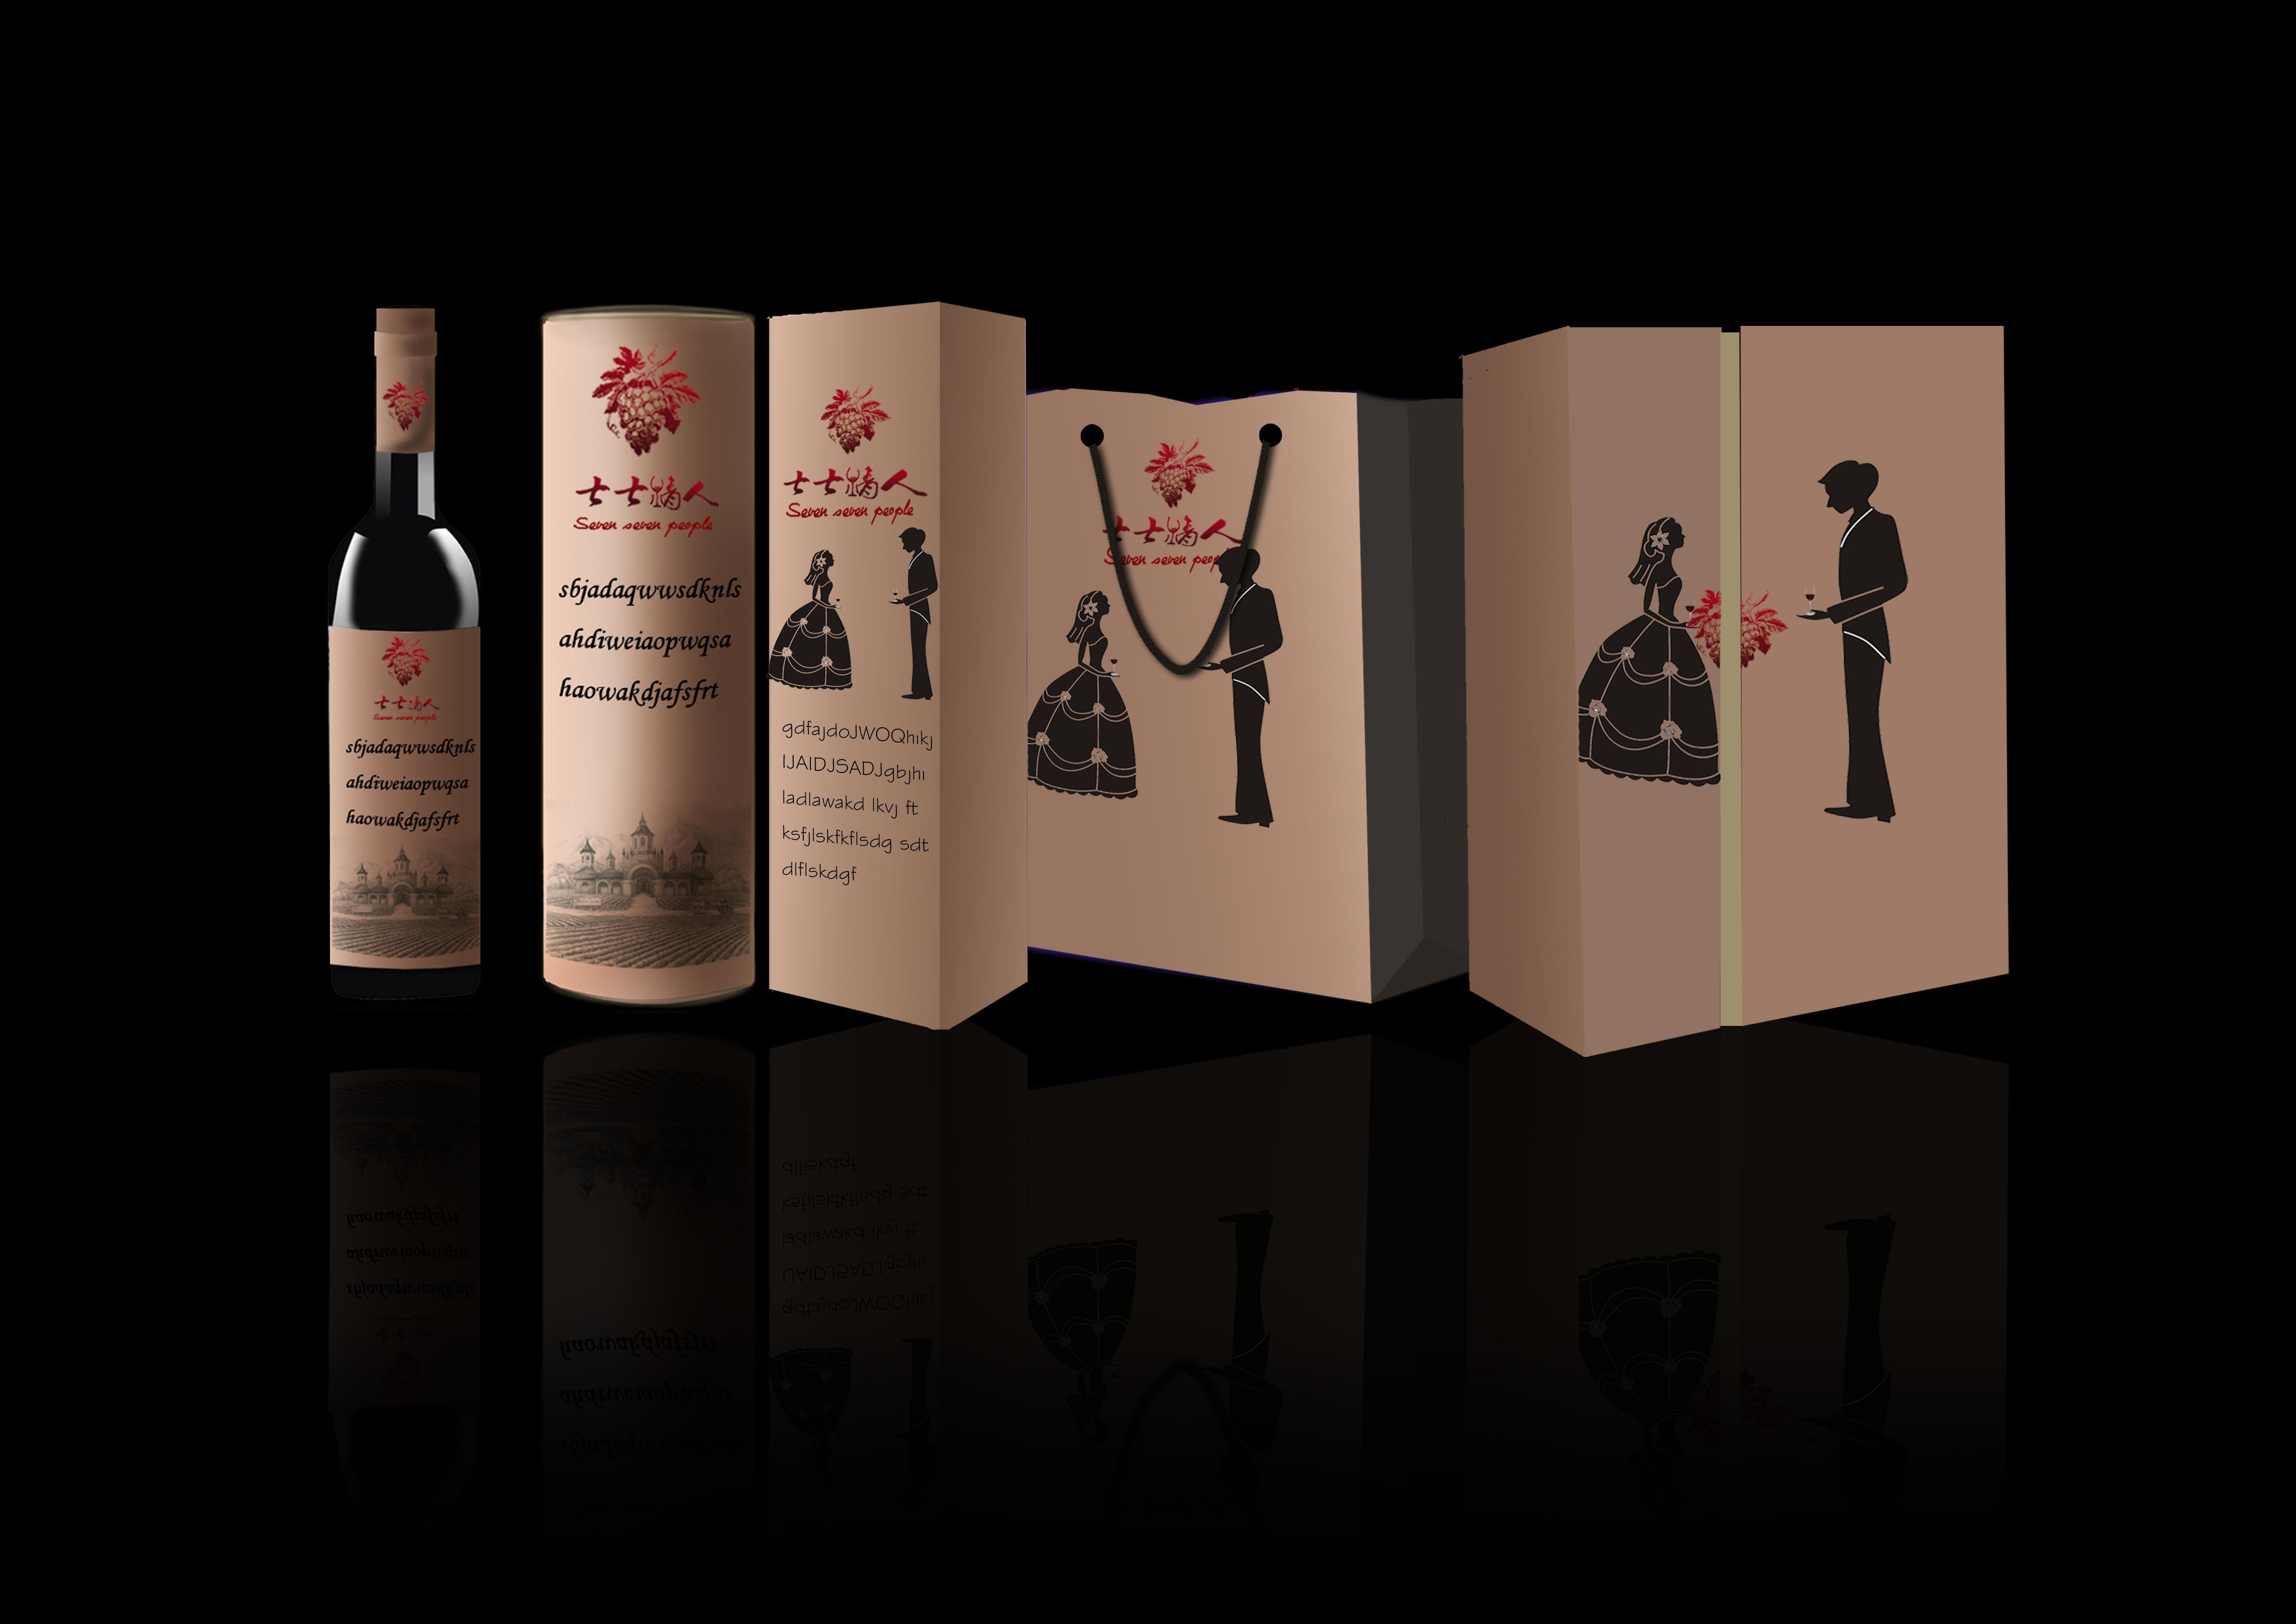 包装 包装设计 设计 4961_3508图片